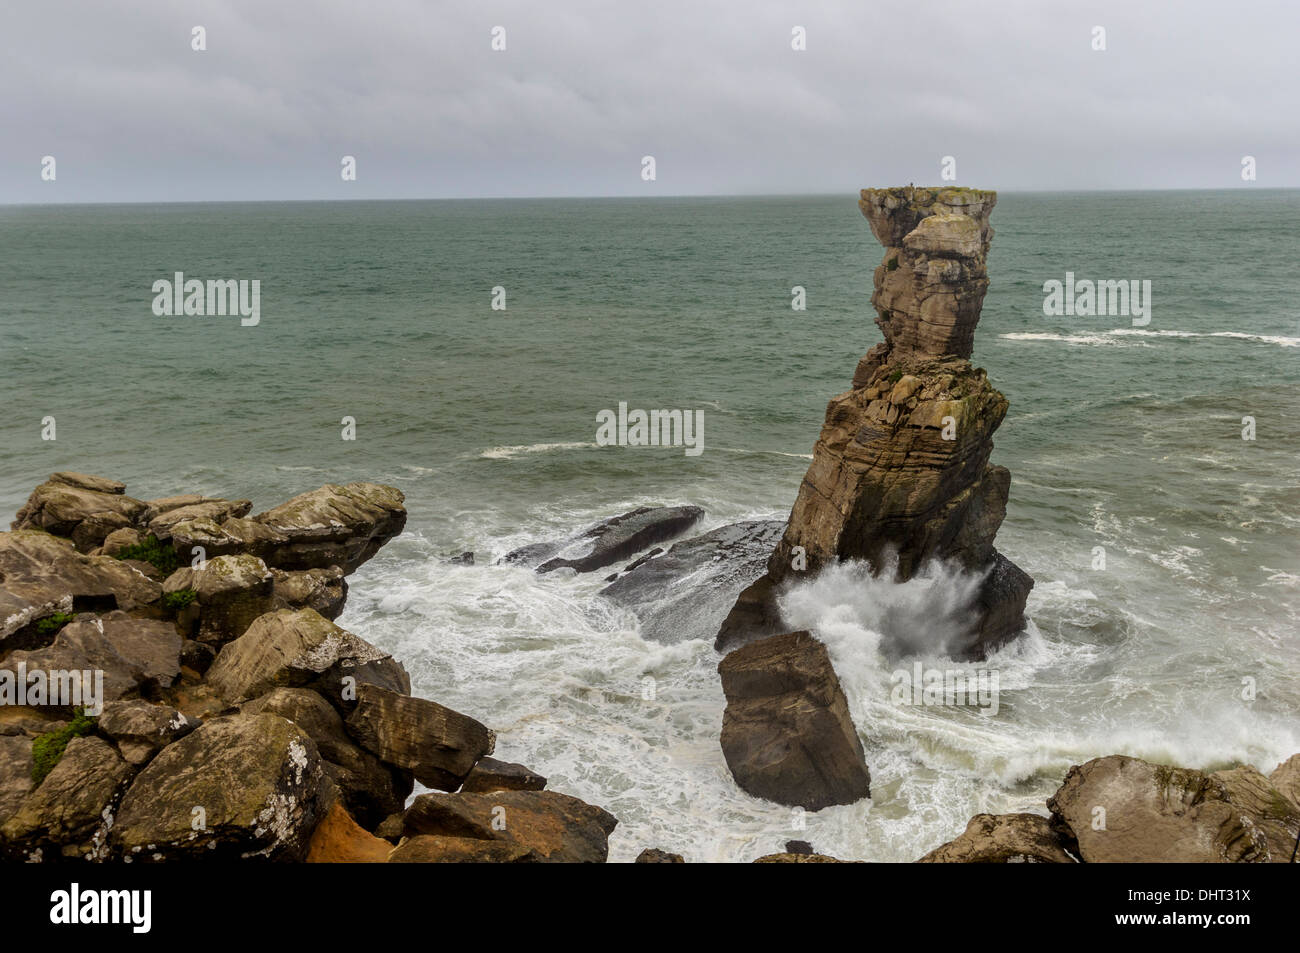 Rough sea at Cabo Carvoeiro, near Peniche, Portugal Stock Photo